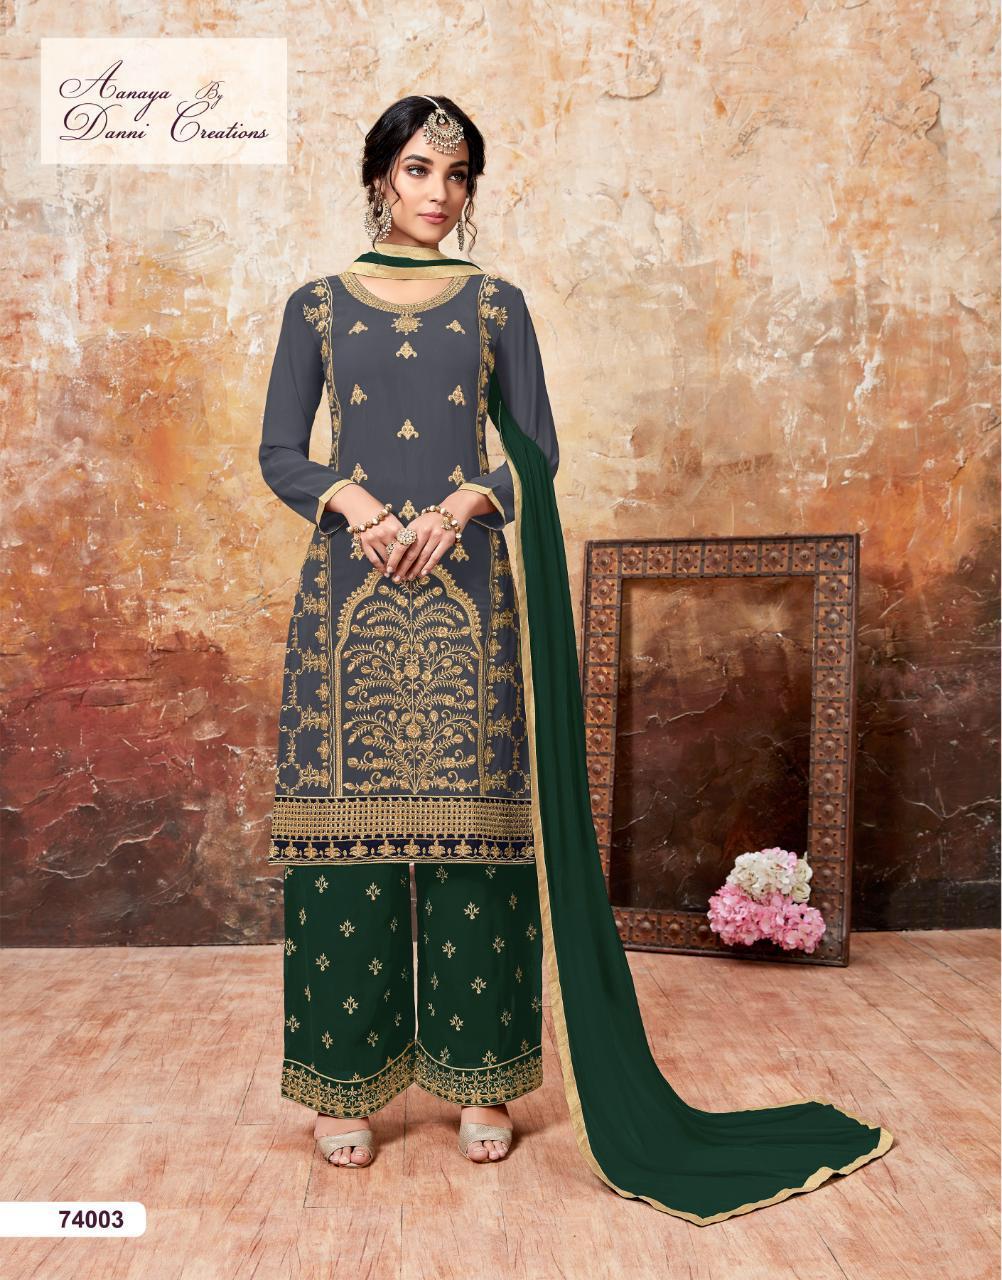 Aanaya 74000 Series Designer Partywear Suits Wholesale